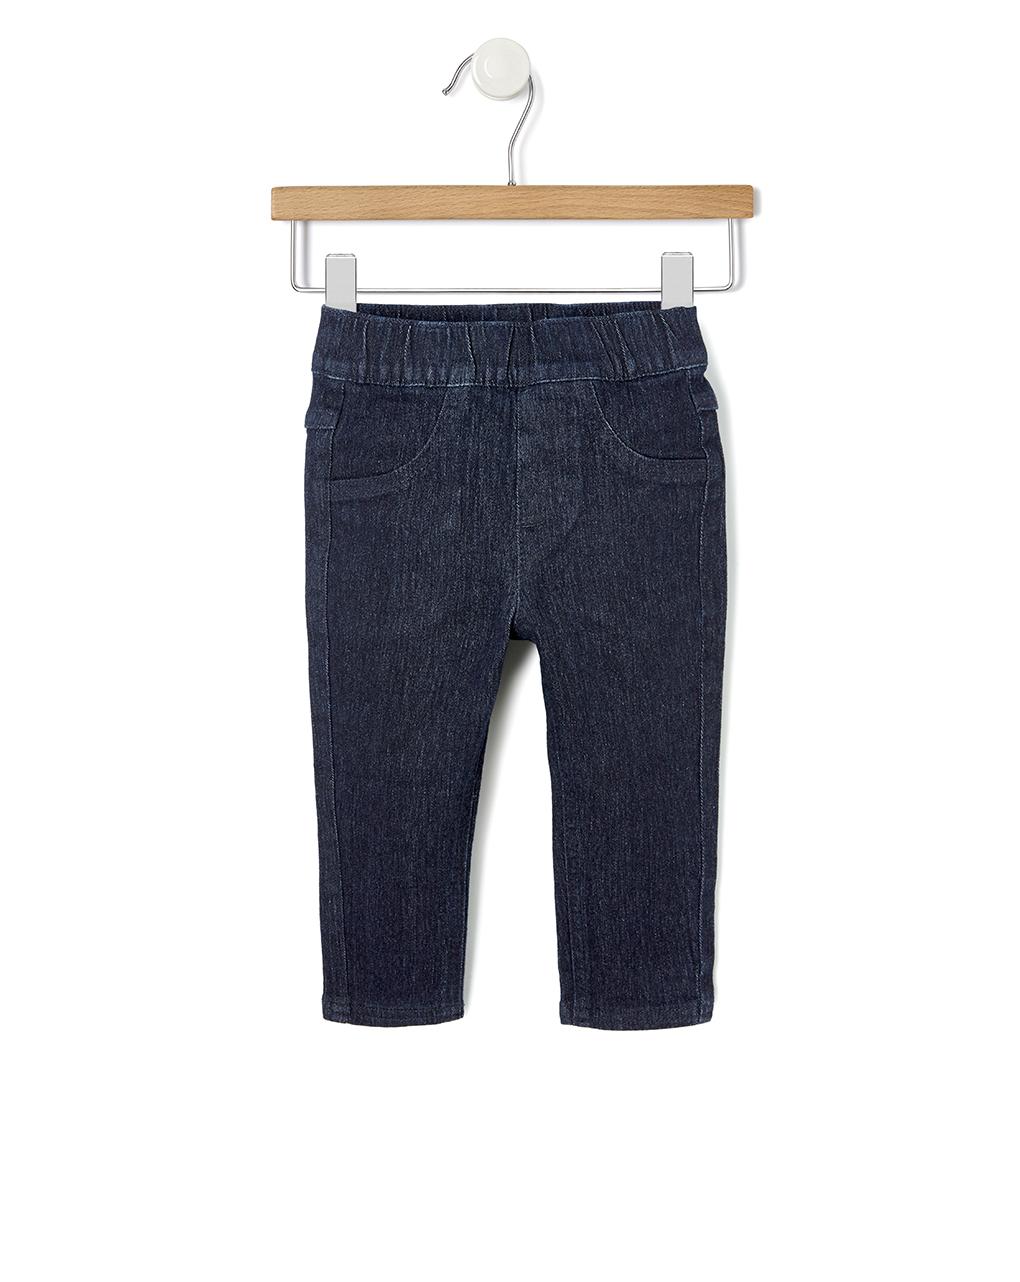 Παντελόνι denim μπλε σκούρο